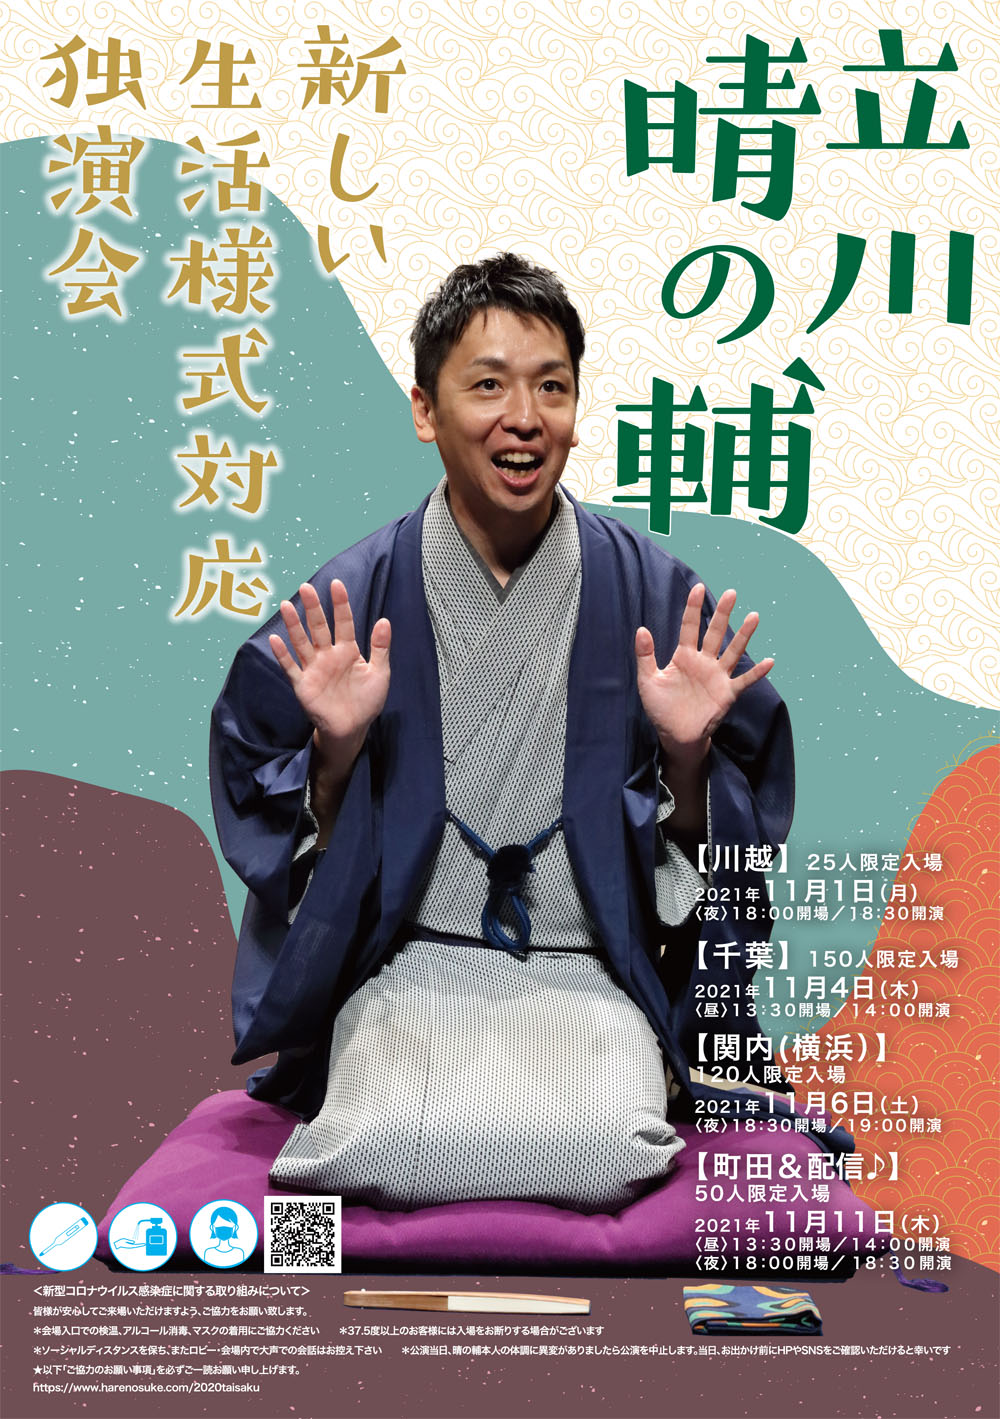 【サンキューチャージ(投げ銭)】立川晴の輔 新しい生活様式対応独演会